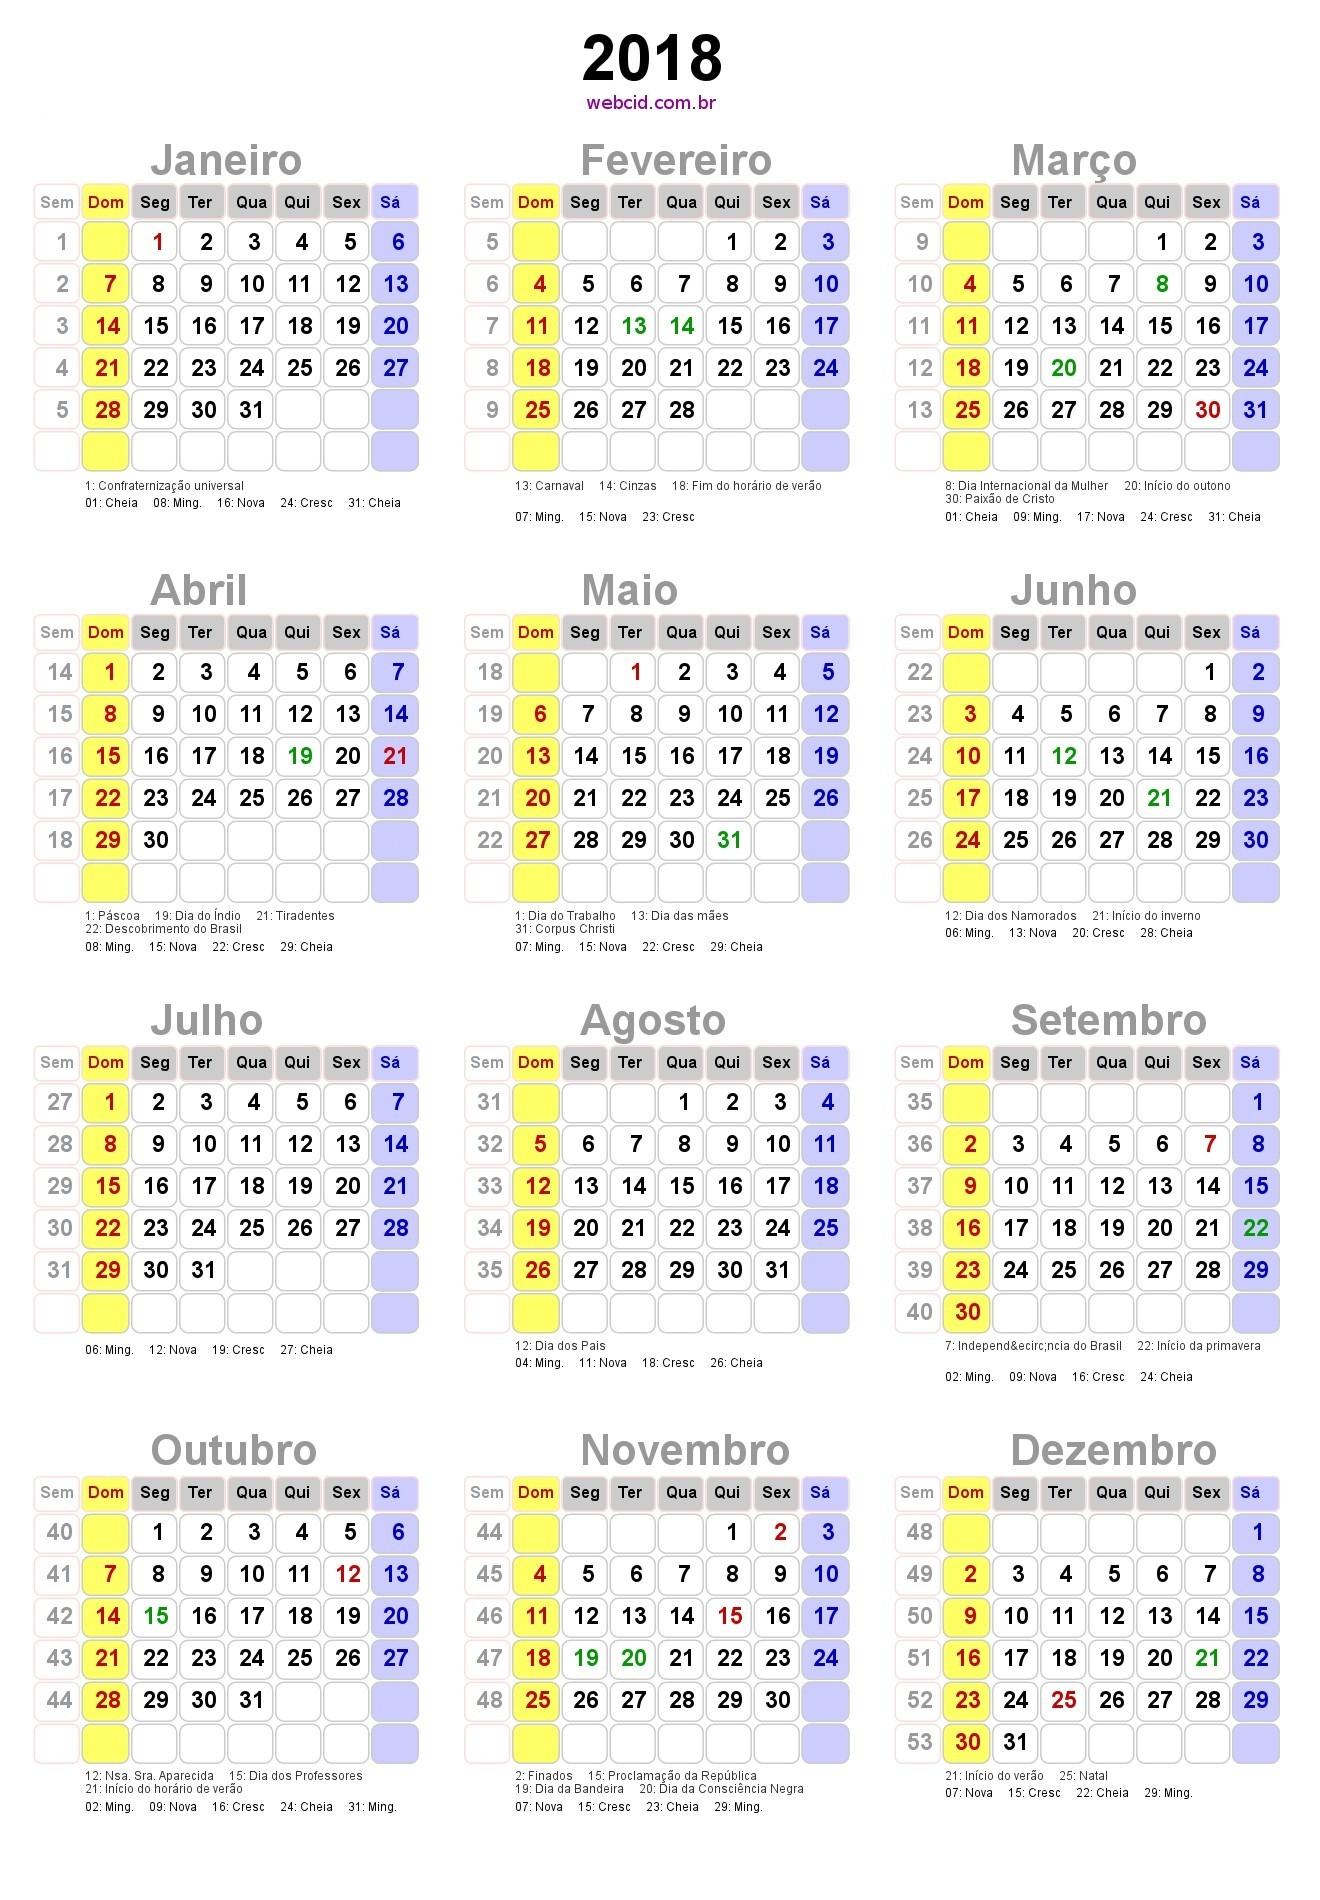 Calendario Enero 2019 Colombia Festivos Más Recientes Evaluar Calendario 2019 Con Sus Feriados Of Calendario Enero 2019 Colombia Festivos Más Actual Diario 21 12 2018